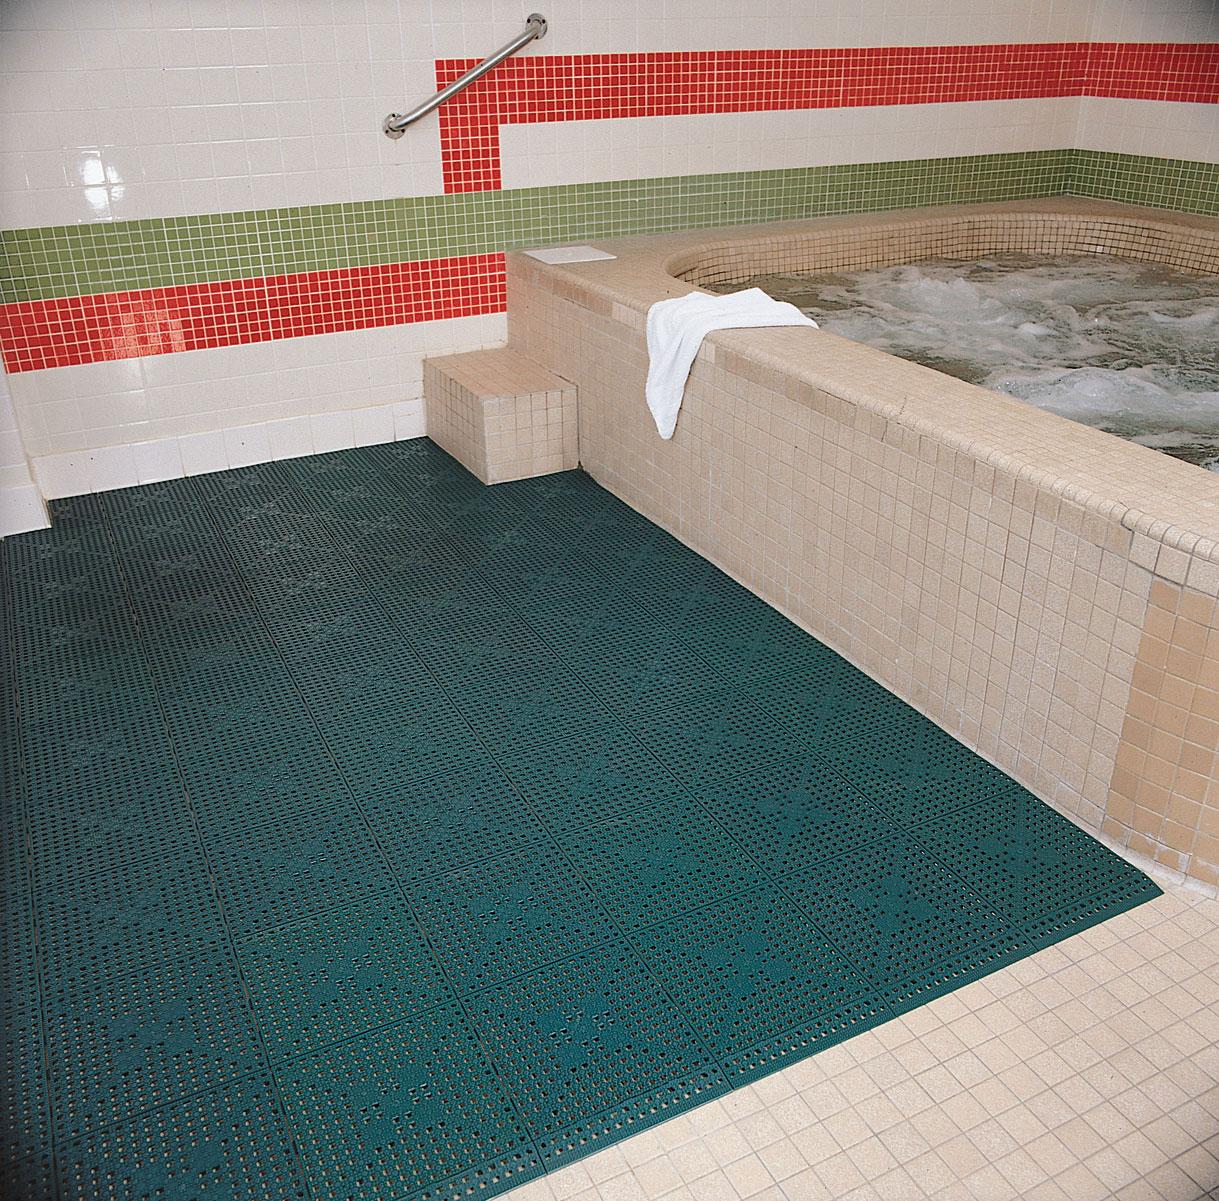 Commercial Kitchen Floor Mats Modular Lok Tyle Specialty Floor Mat 9 16 Floormatshopcom